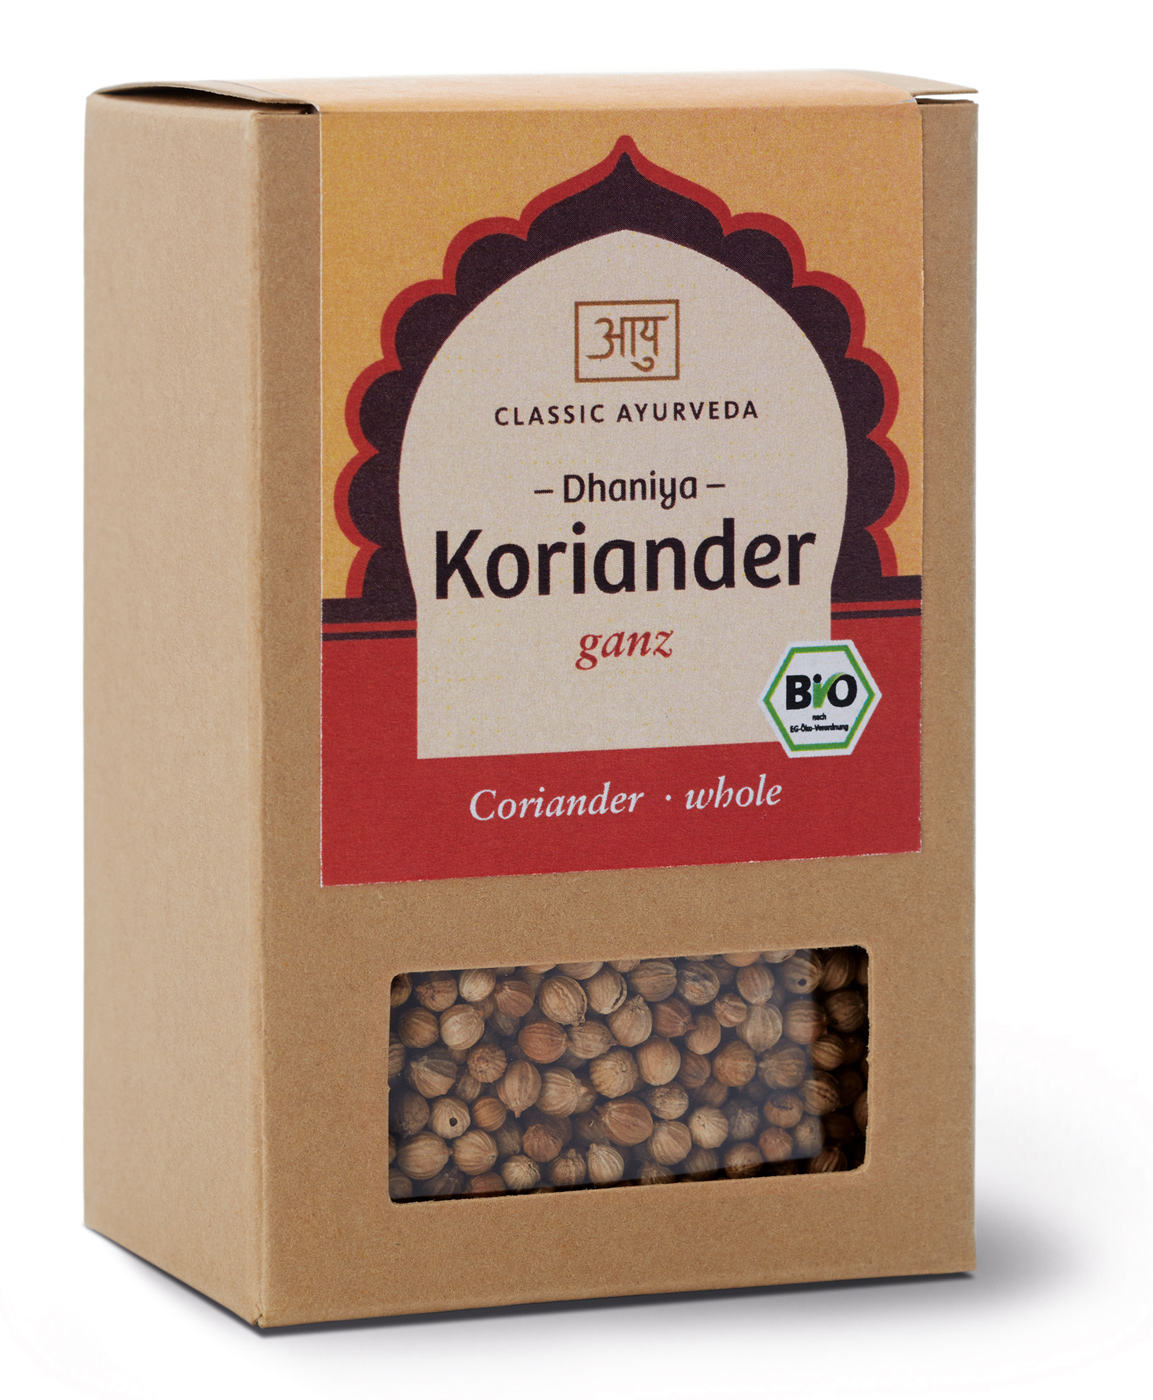 Bio Koriander (ganz), 50 g